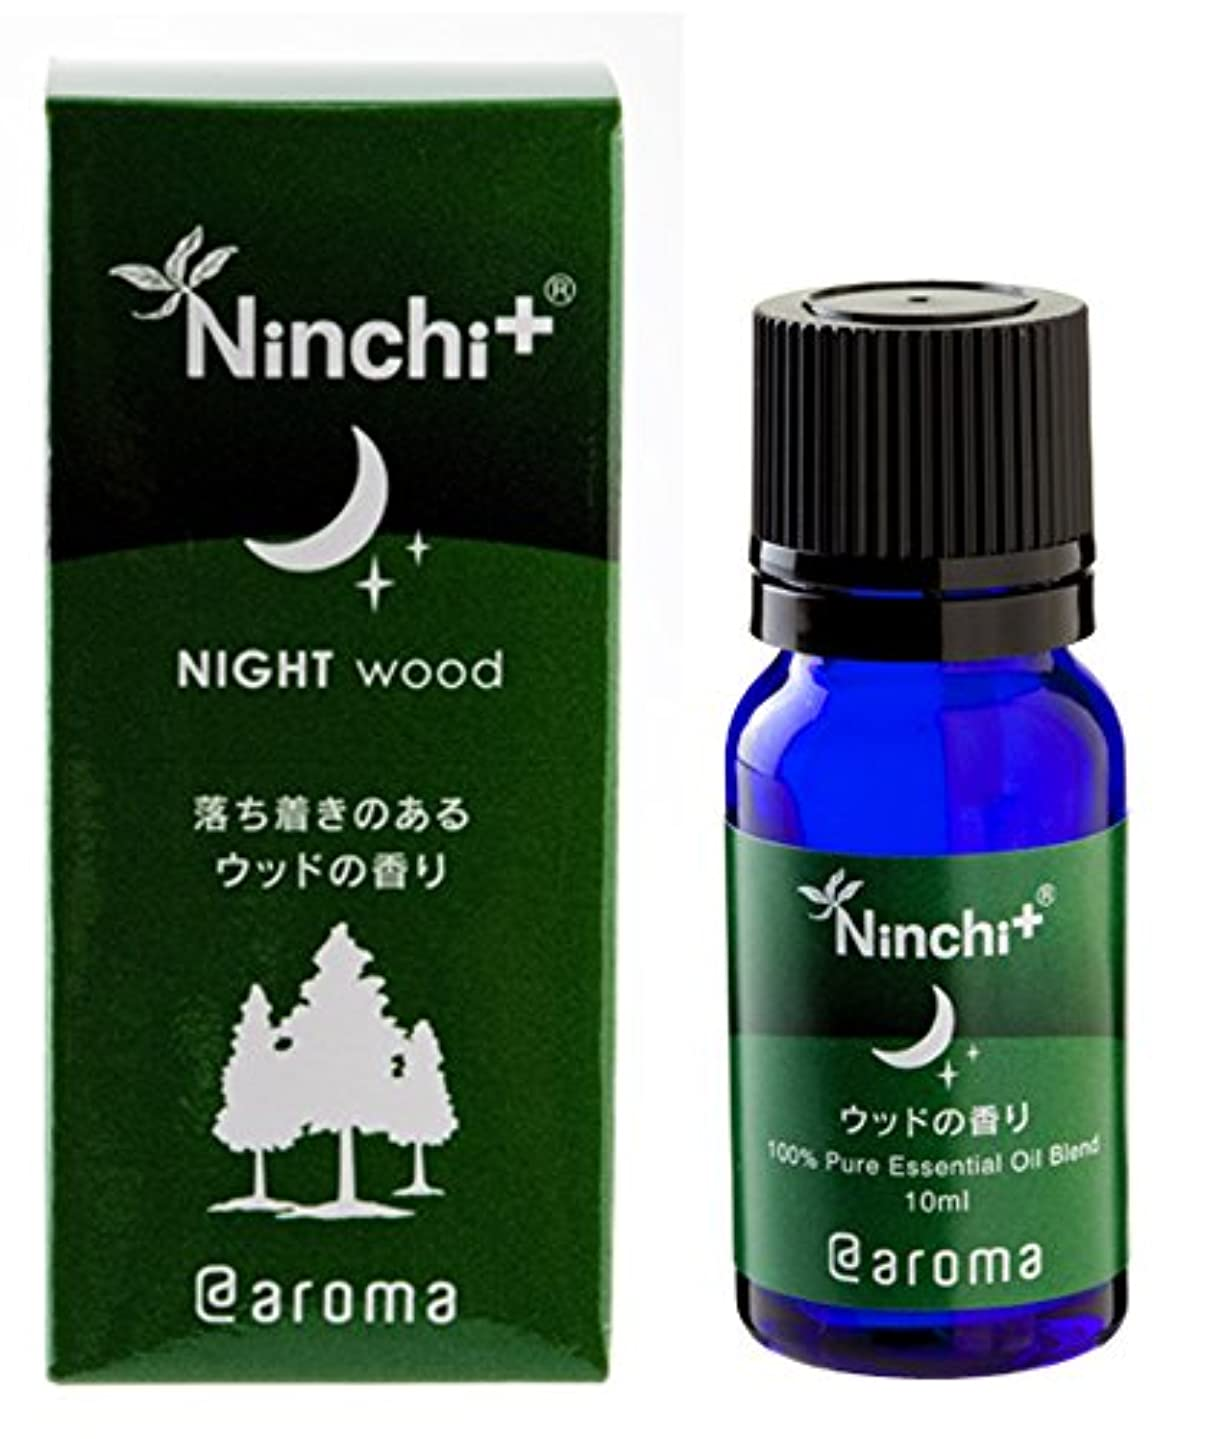 攻撃鉱夫群れNinchi+ Night ウッド10ml